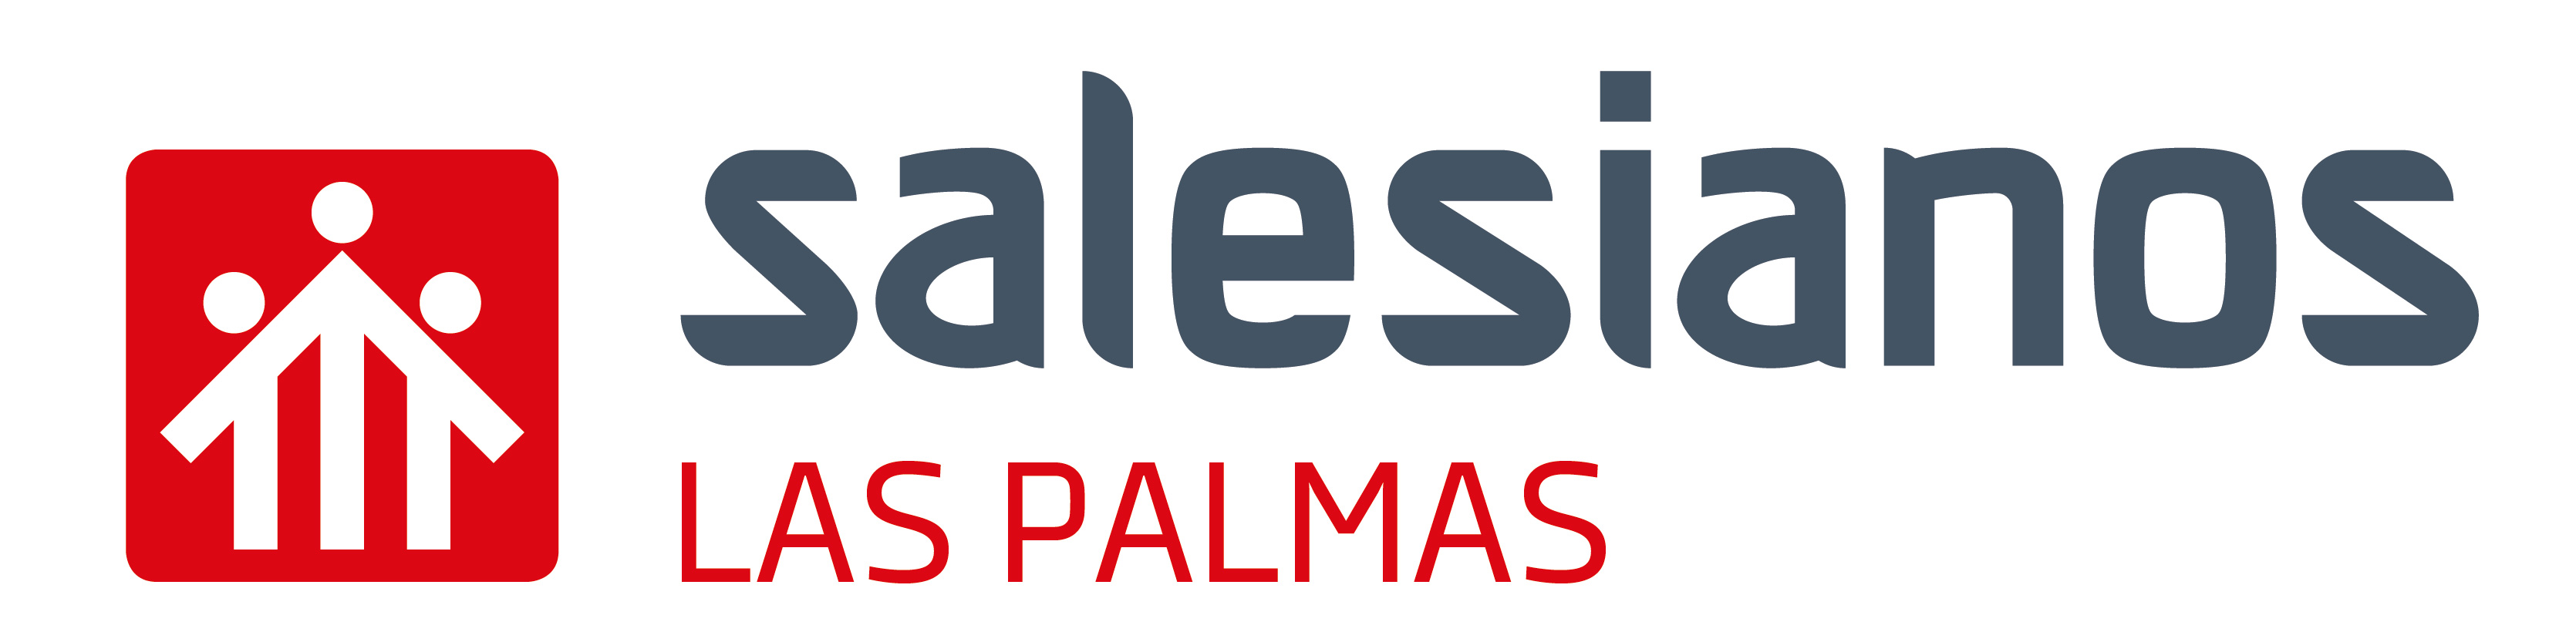 Salesianos Las Palmas